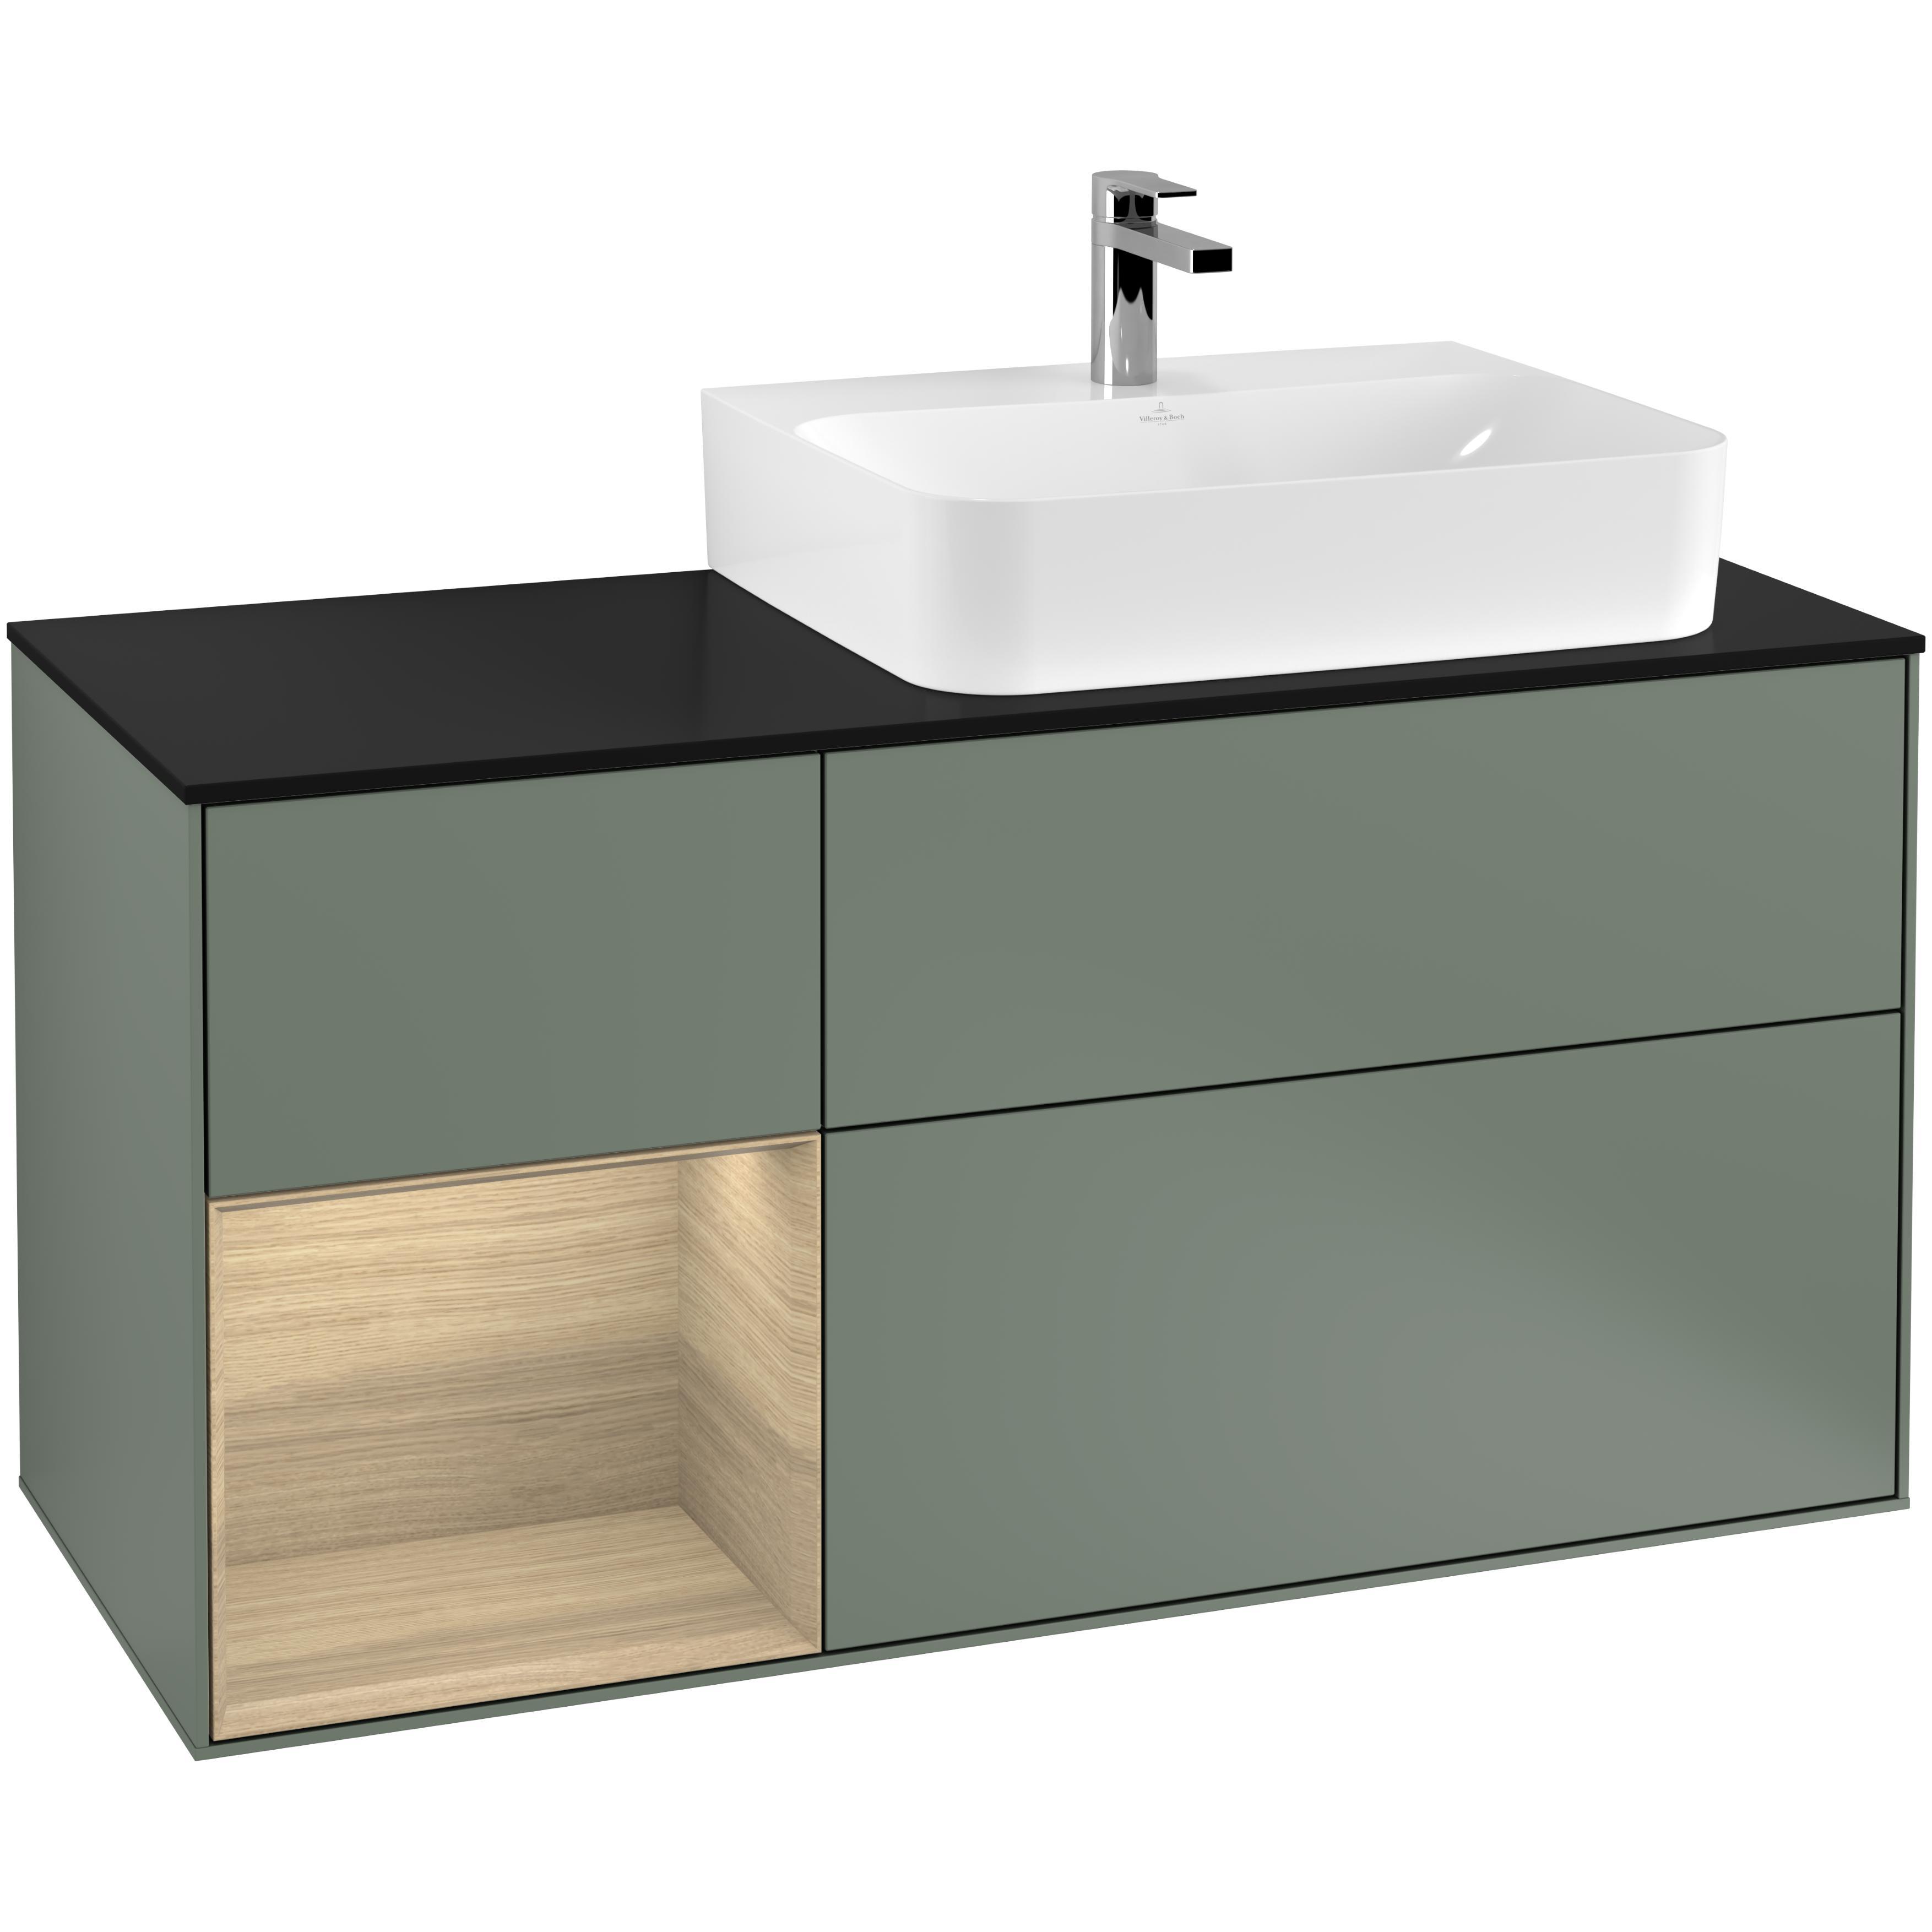 Tvättställsskåp Villeroy & Boch Finion med 3 Lådor Hylla och Bänkskiva för Ocentrerat Tvättställ